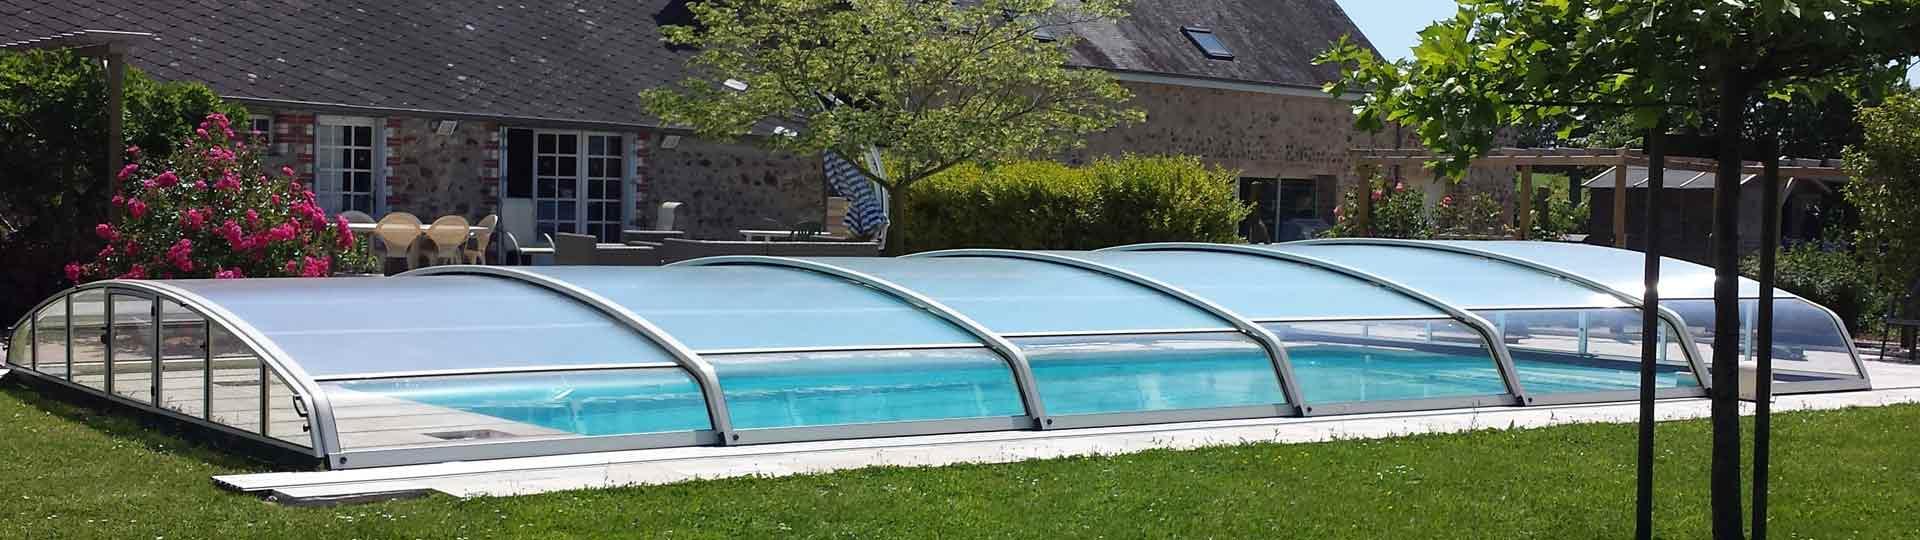 Ventajas de instalar una cubierta baja de piscina